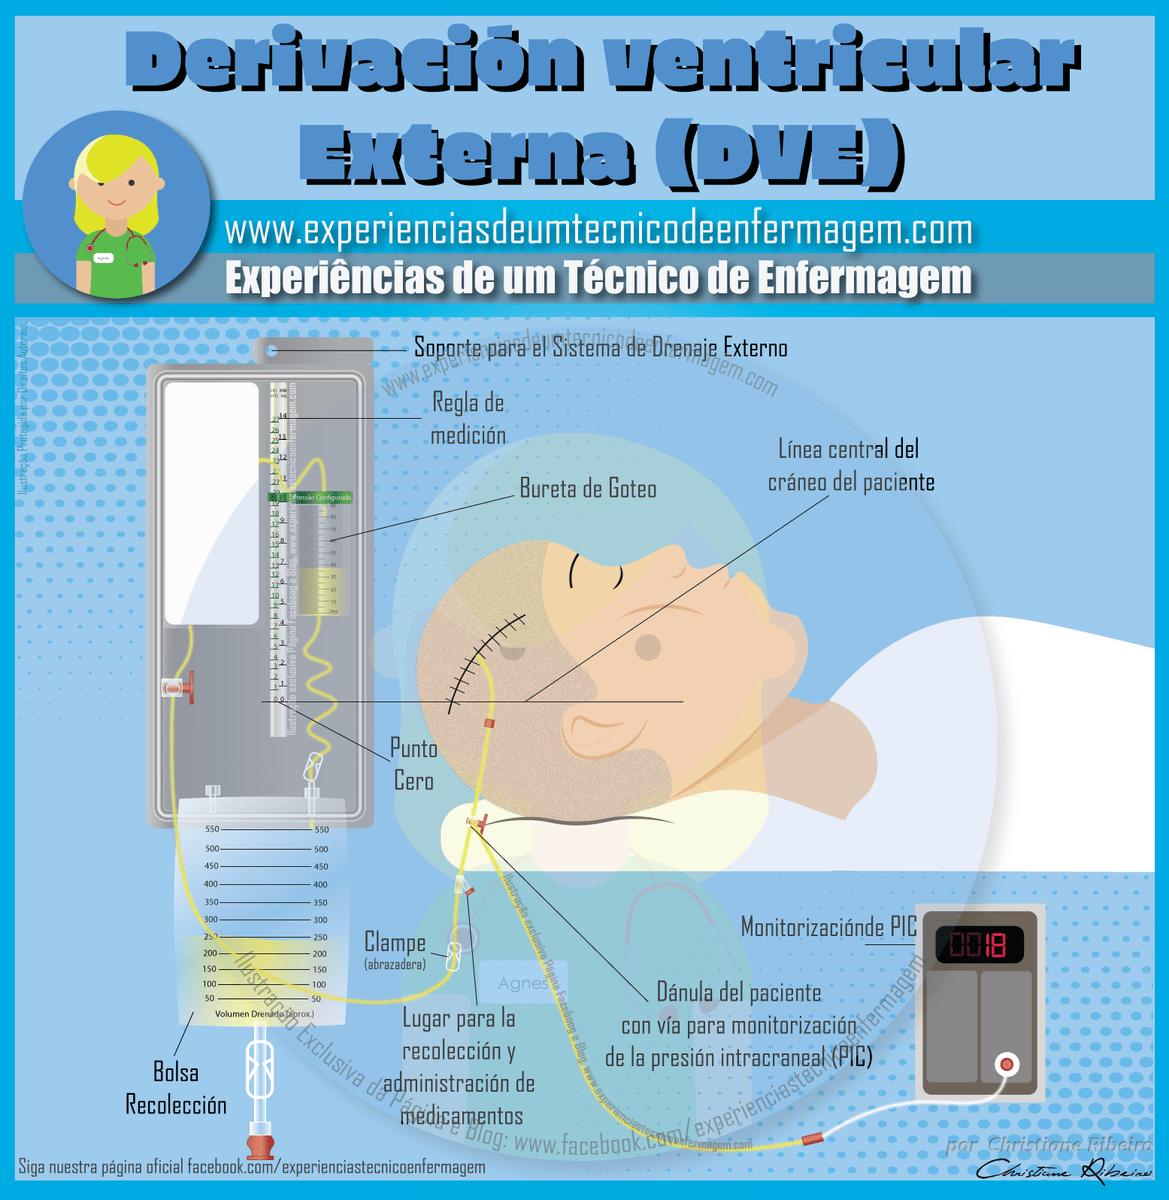 Asistente de radiología para hipertensión intracraneal